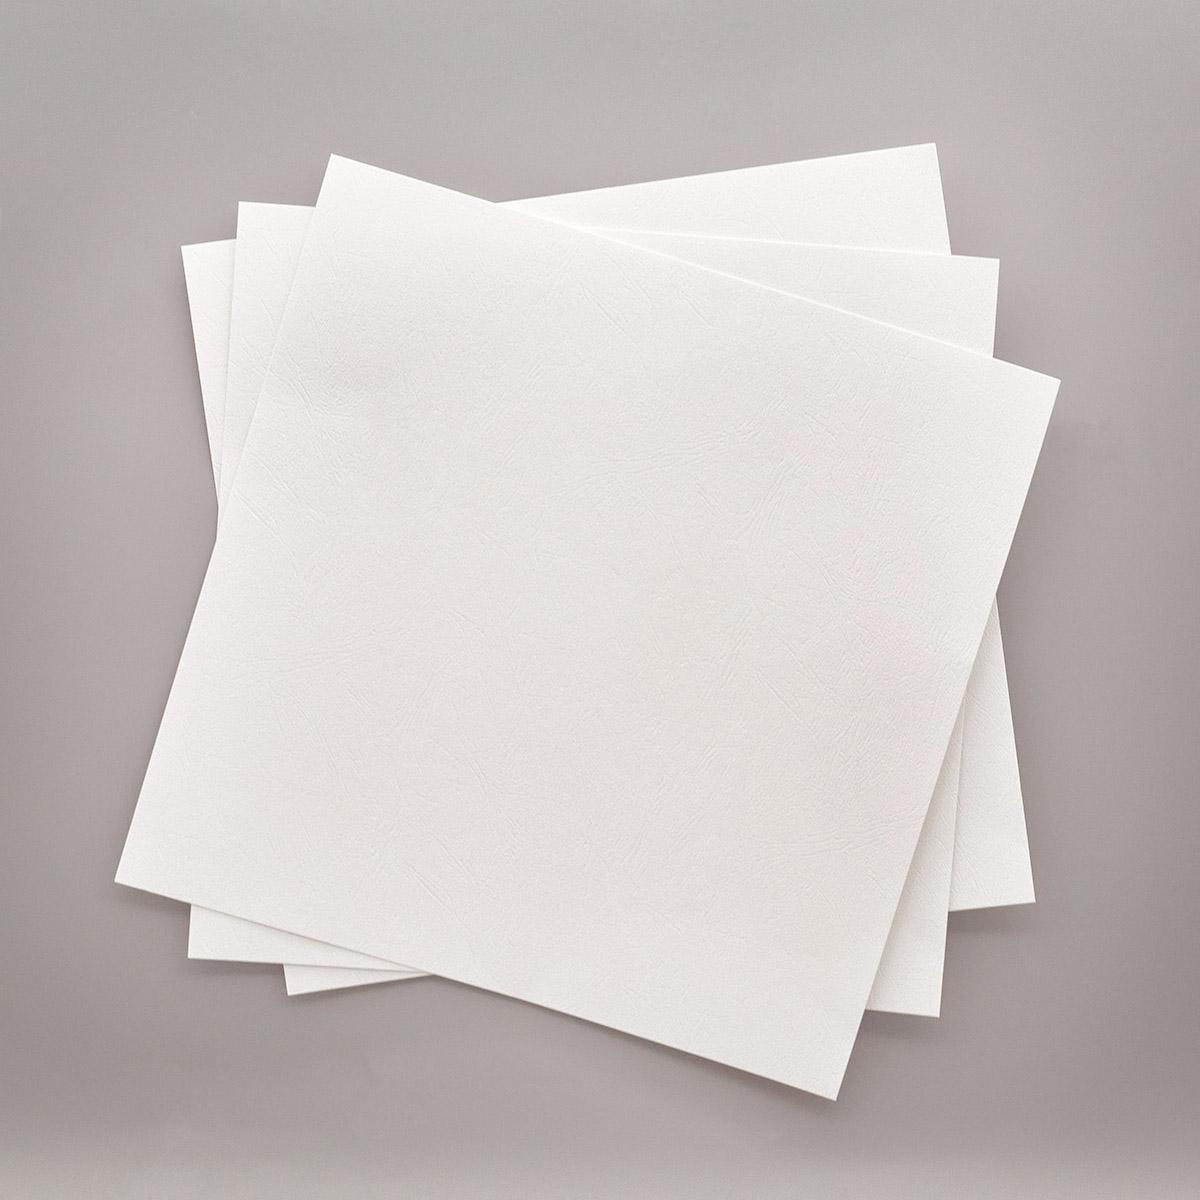 БФ004-1 Бумага с фактурой 'Кожа', белый, упак./3 листа